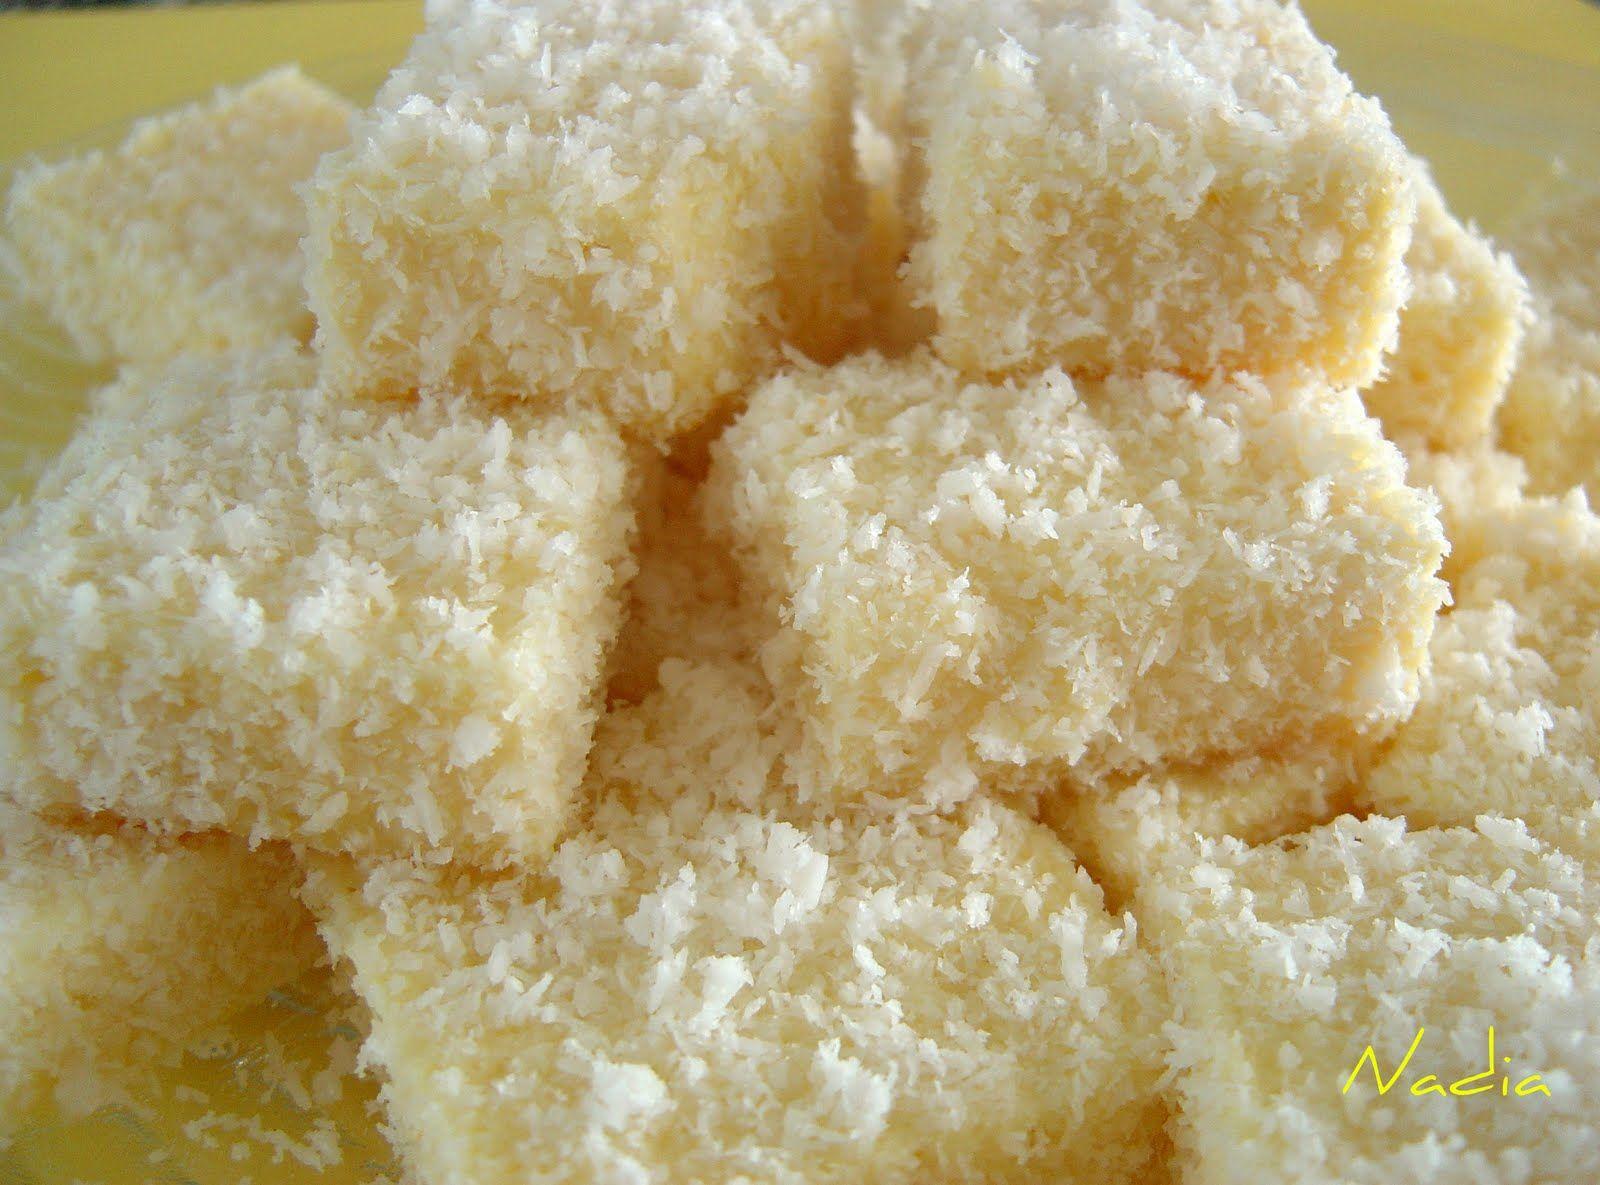 La cucina piccoLINA: Dolcetti al cocco | Piccola pasticceria ...